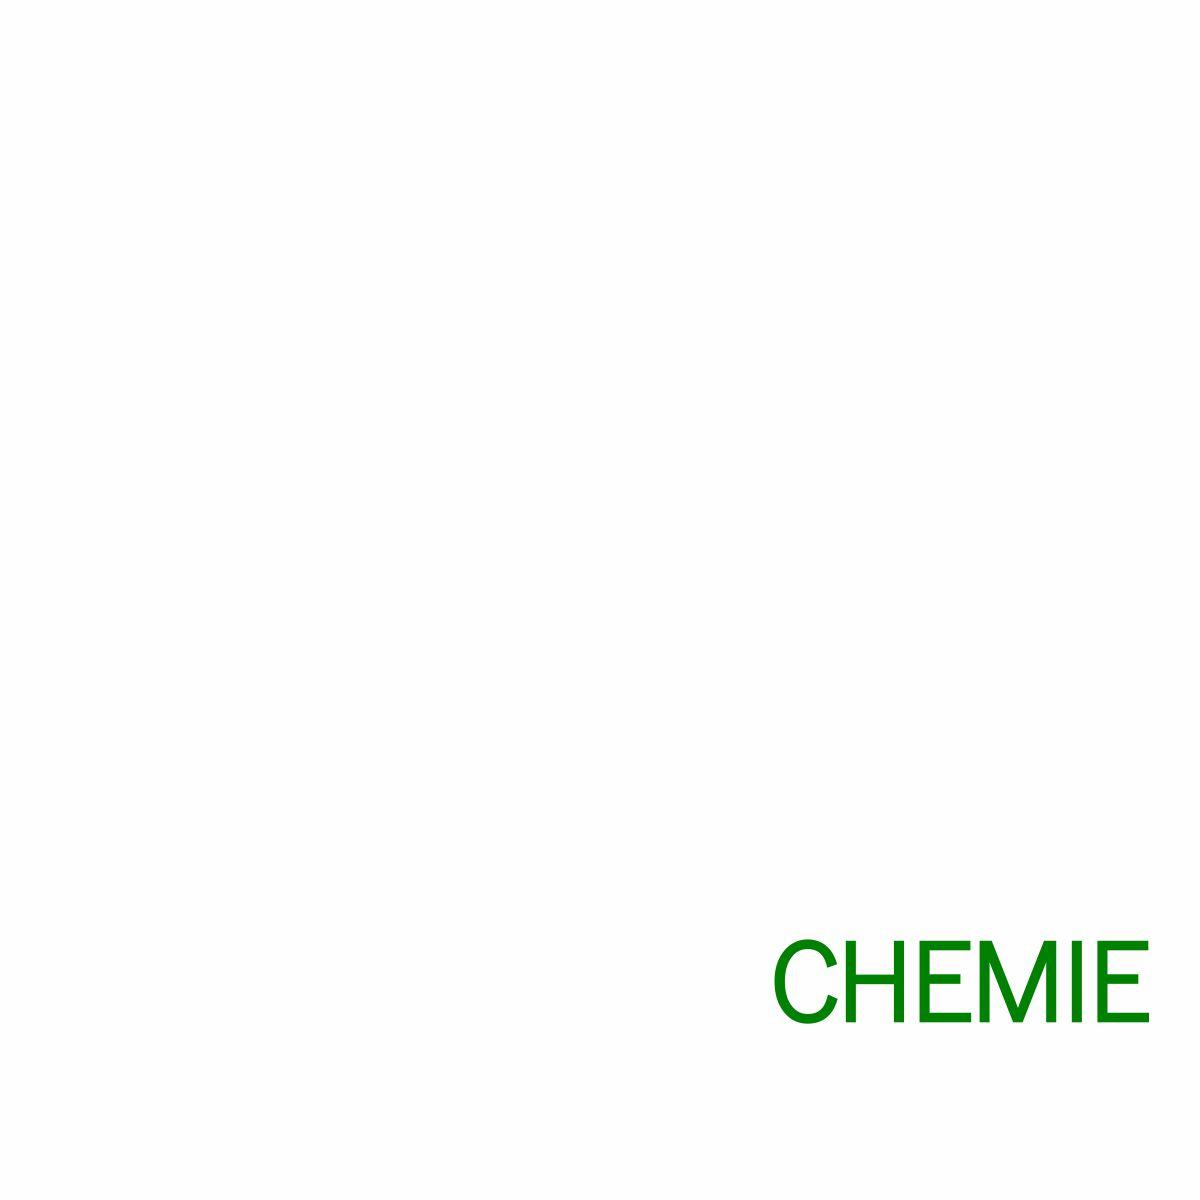 Grafik Branche Chemie